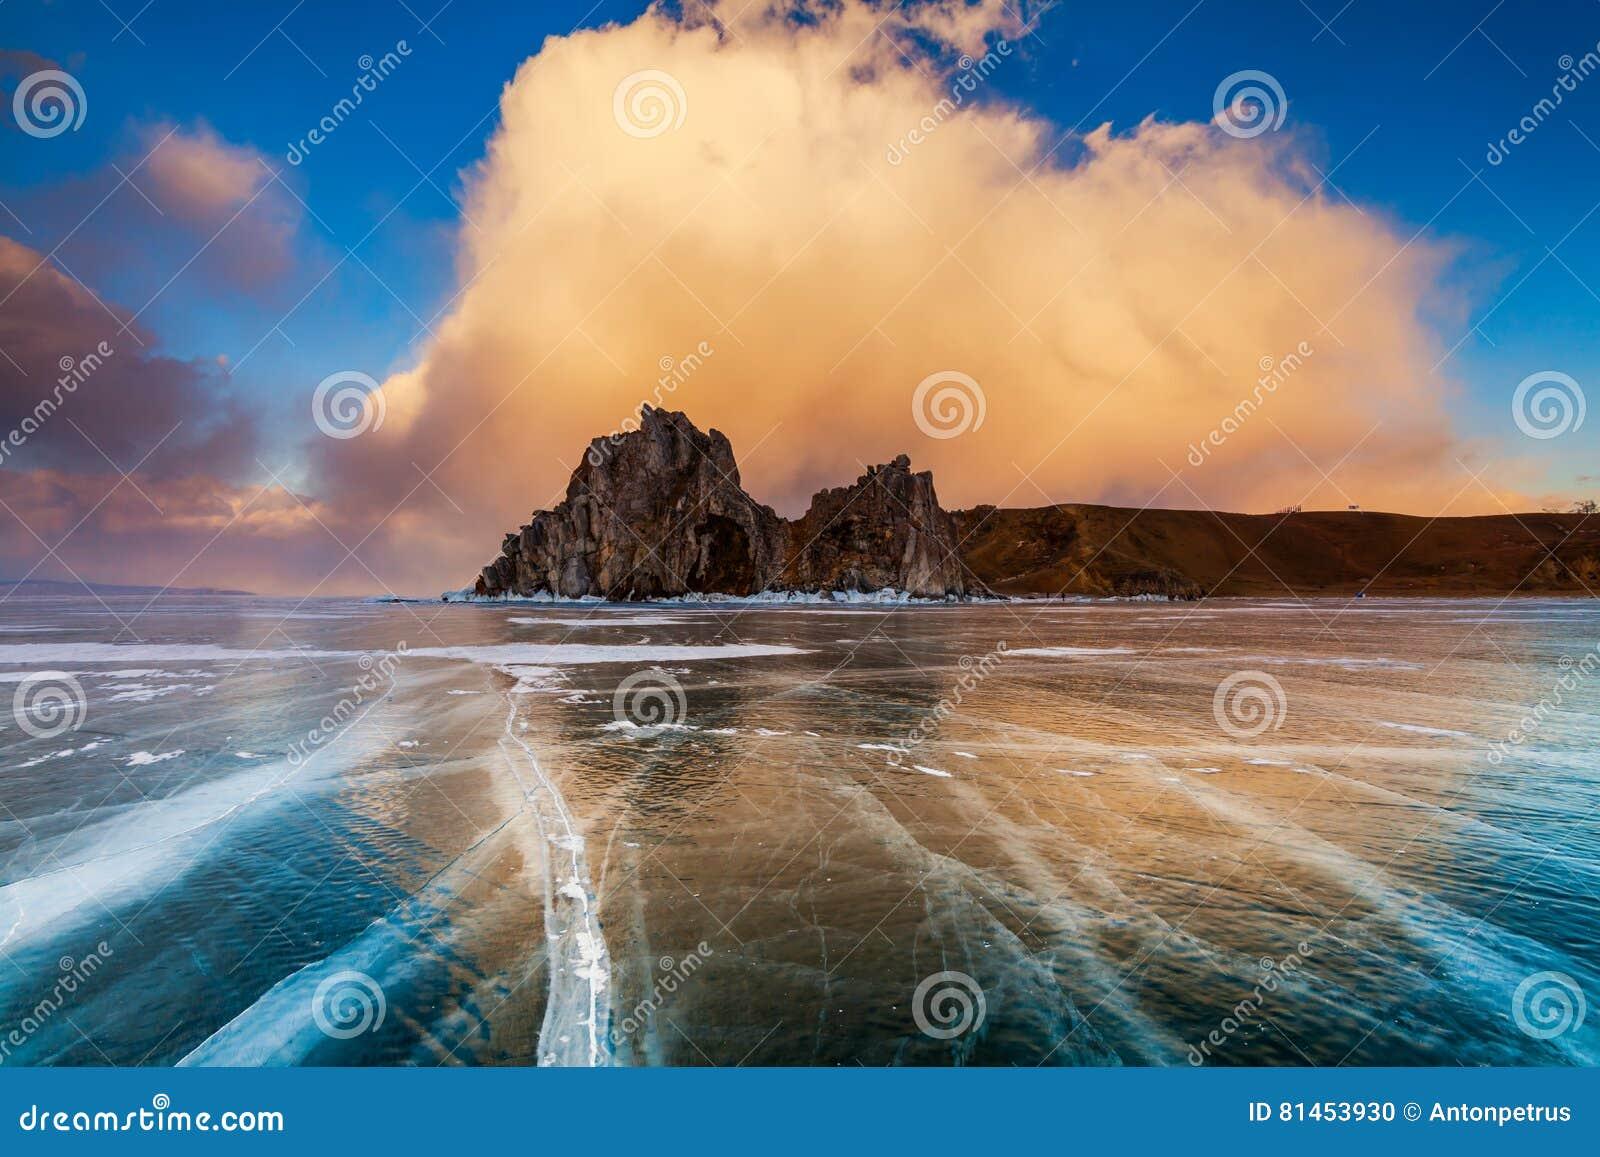 Medicinman Rock på solnedgången Lake Baikal Sibirien